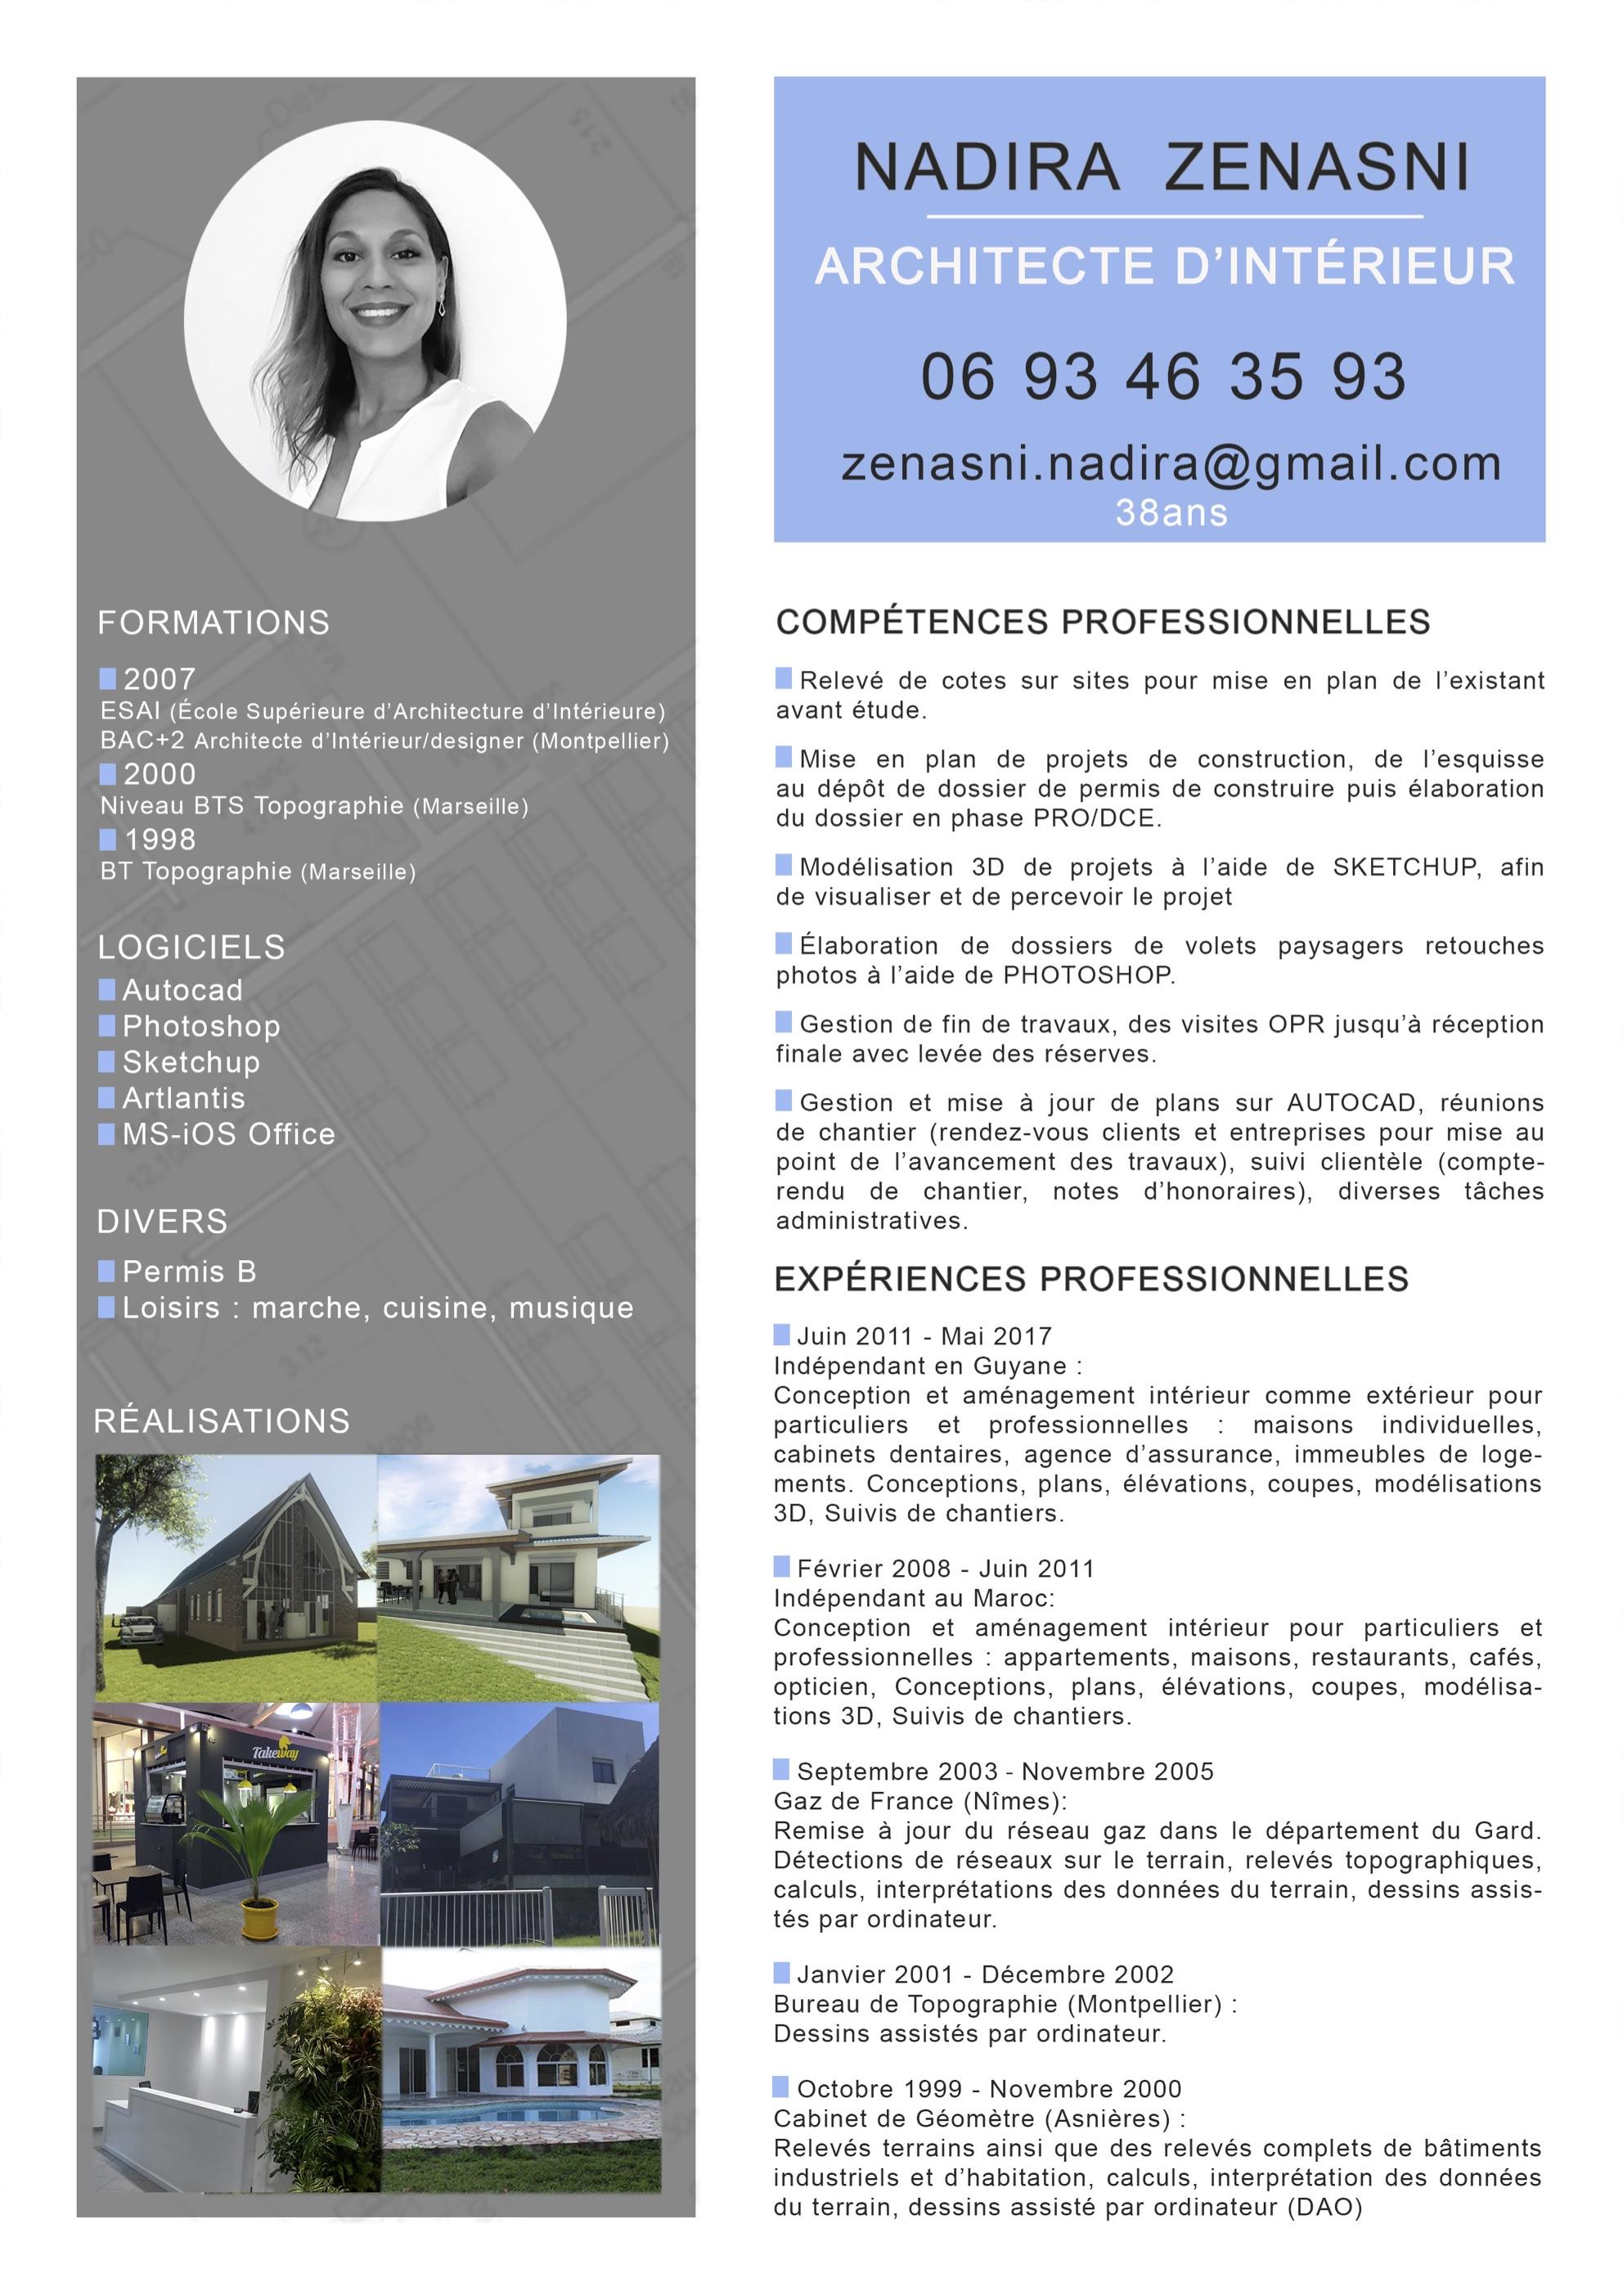 architecte d u2019int u00e9rieur cherche poste en agence  u2013 archi re    architectures  u00e0 la r u00e9union